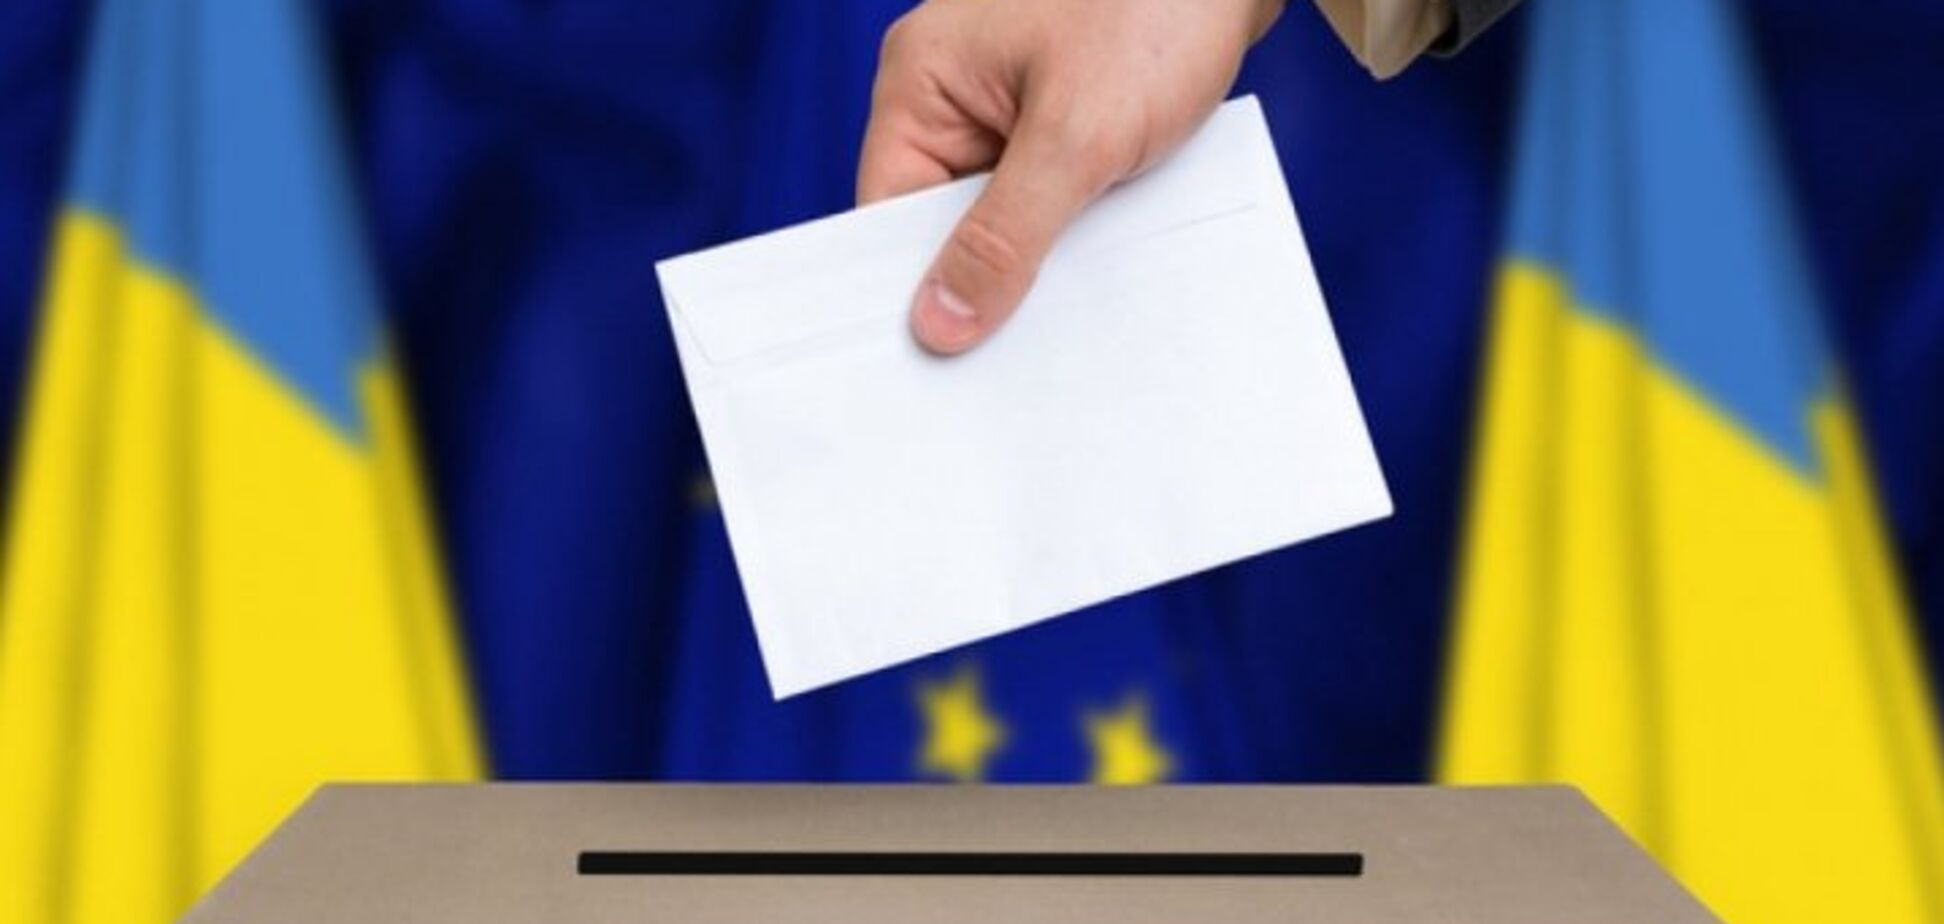 Избиратель исполнил пожелание Кремля и проголосовал за кого угодно